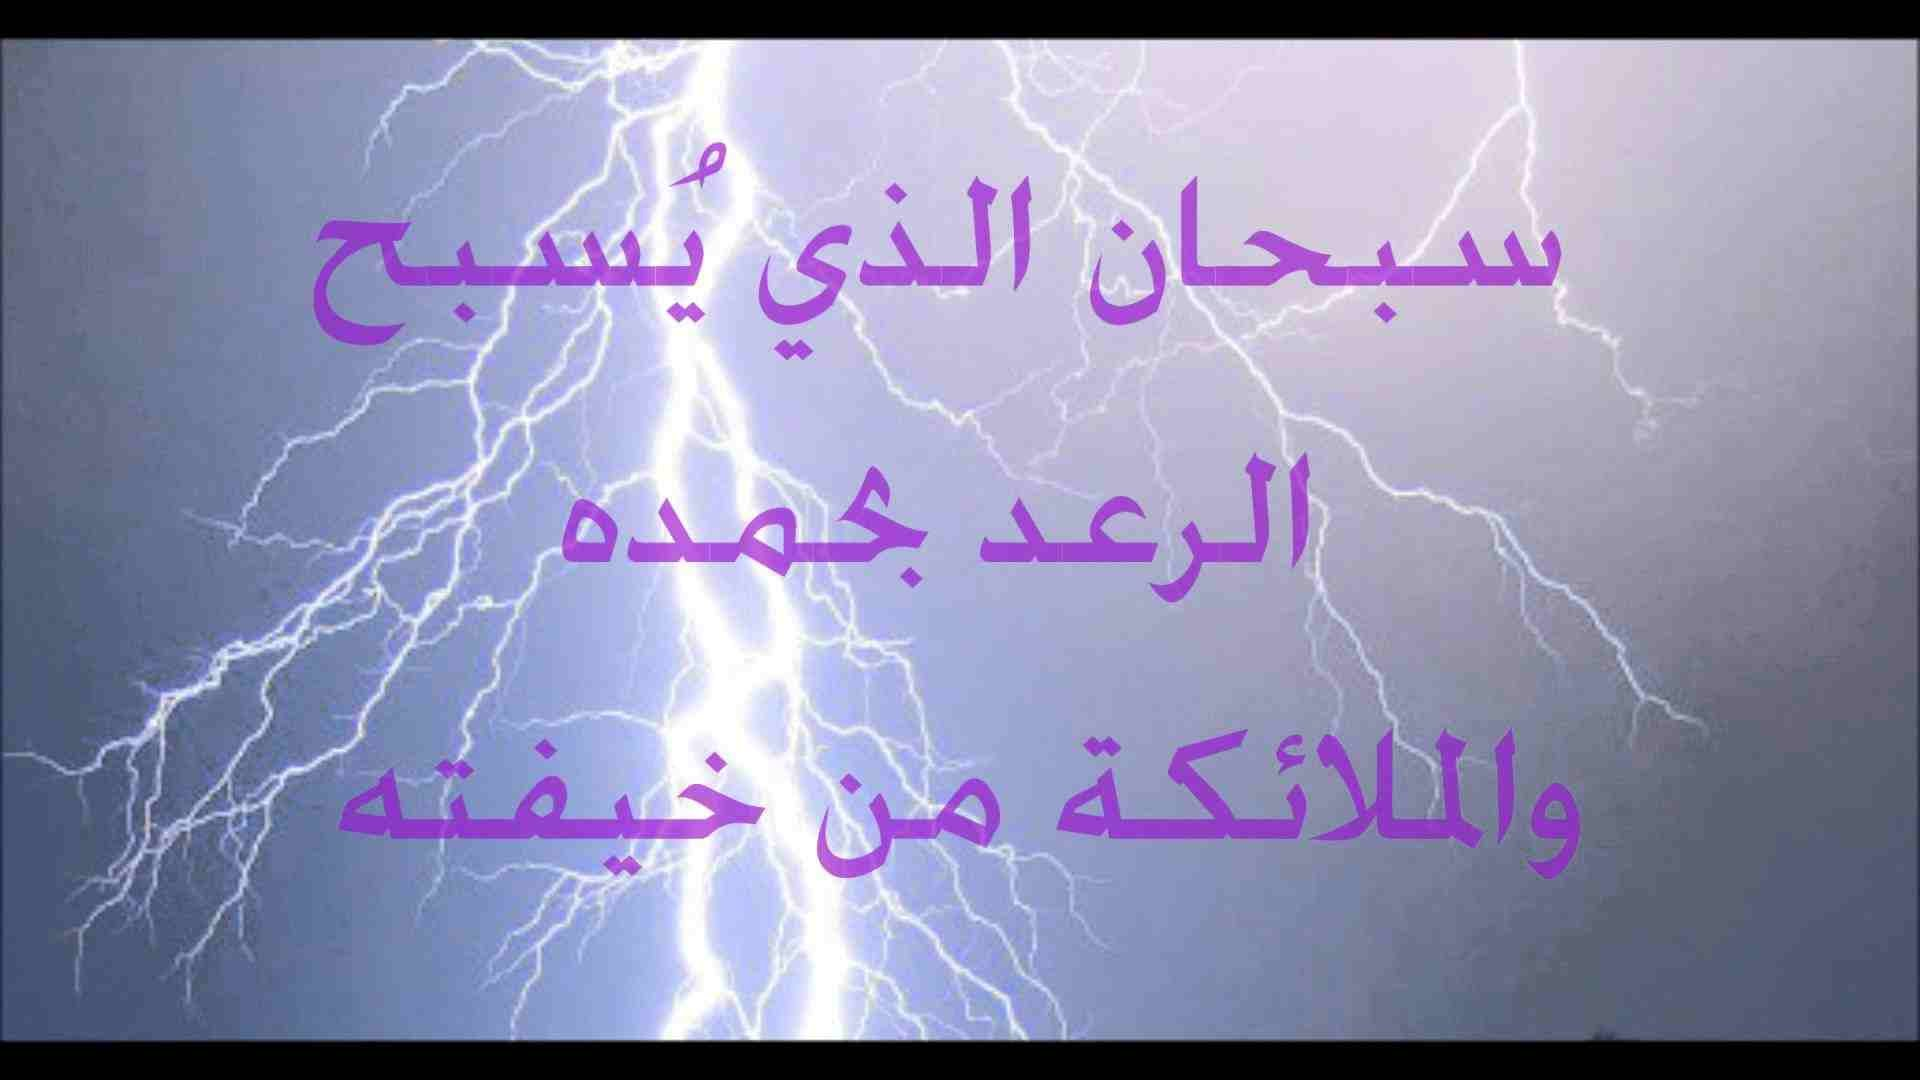 بالصور دعاء نزول المطر , دعاء الاستسقاء و تاخر المطر 466